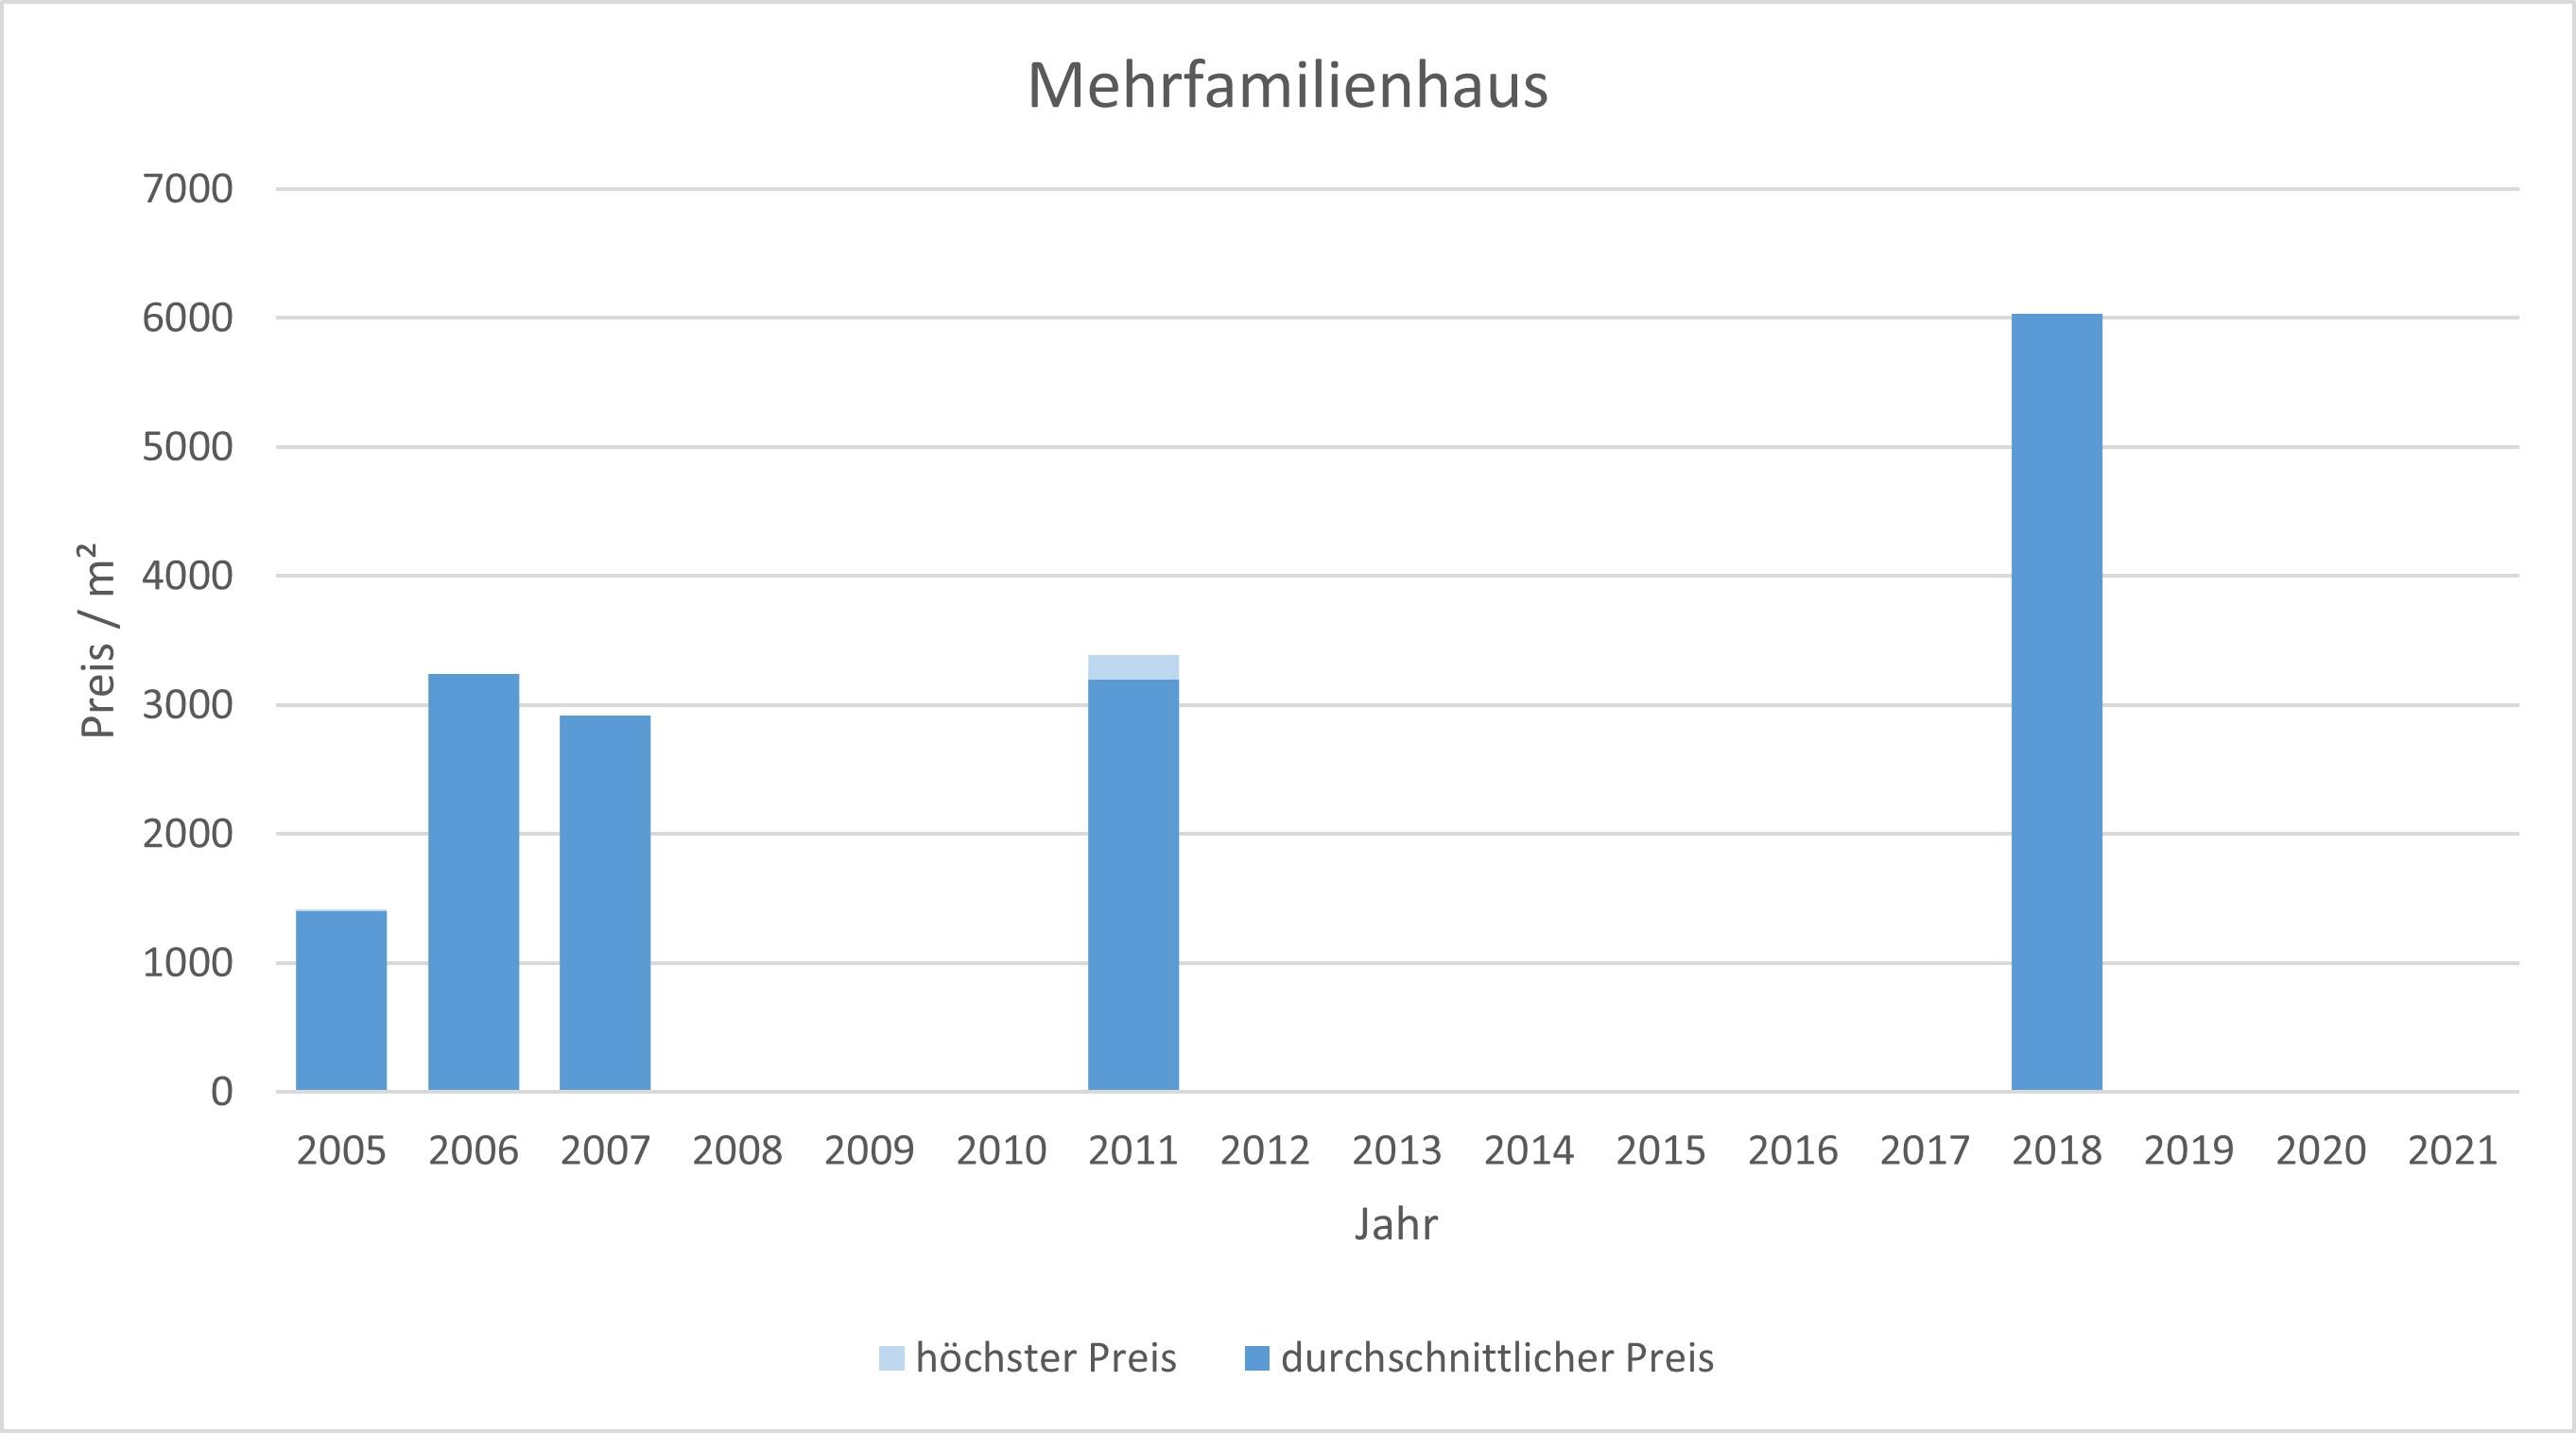 München - Fasangarten Mehrfamilienhaus kaufen verkaufen Preis Bewertung Makler 2019 2020 2021 www.happy-immo.de